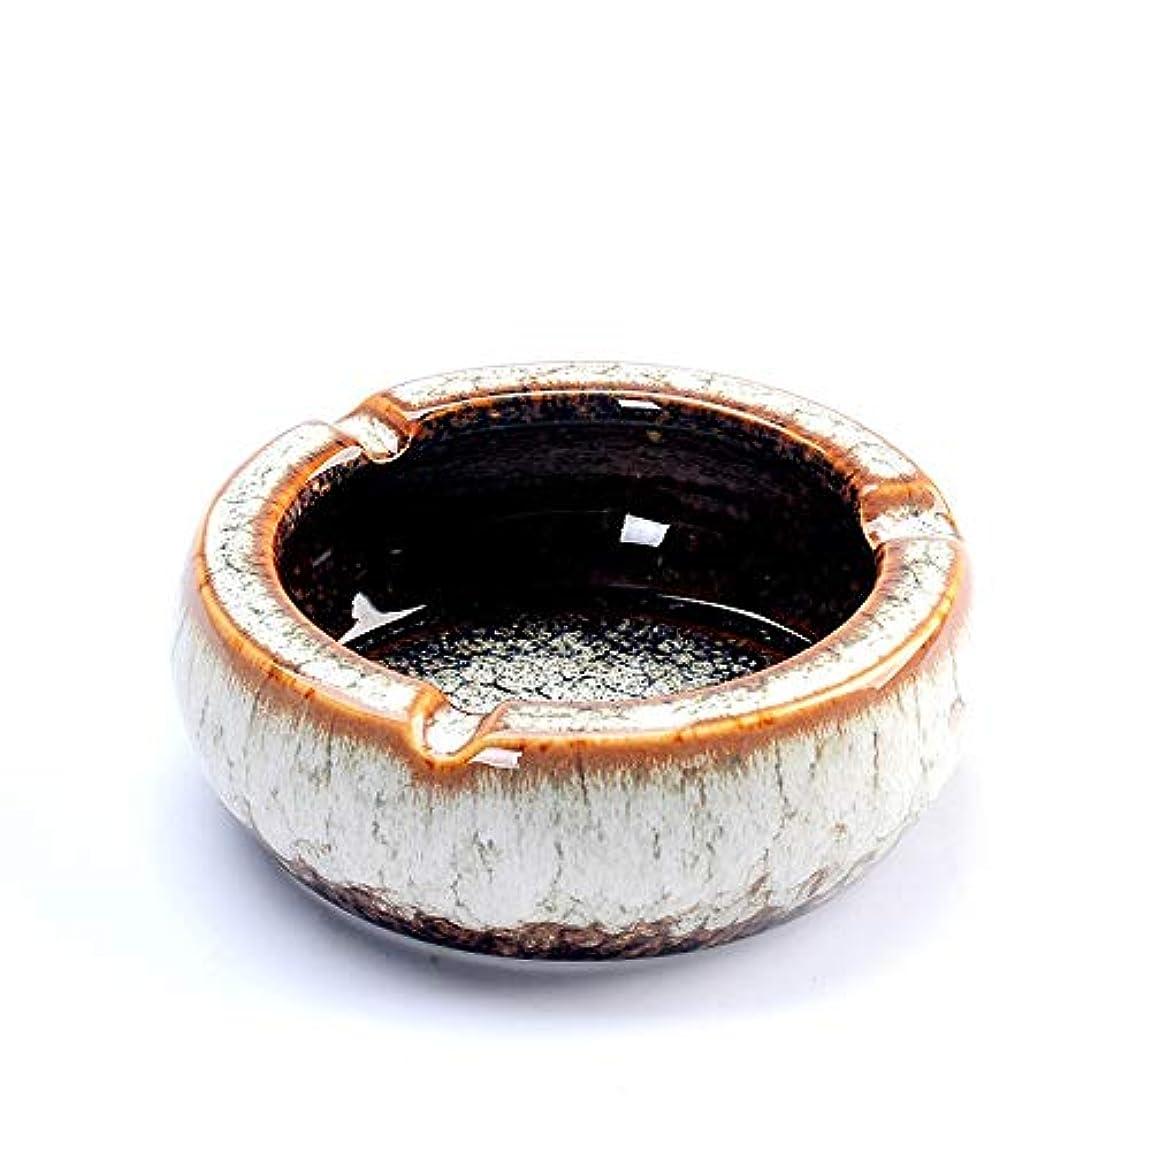 付属品賢いかごタバコ、ギフトおよび総本店の装飾のための灰皿円形の光沢のあるセラミック灰皿 (色 : 白)